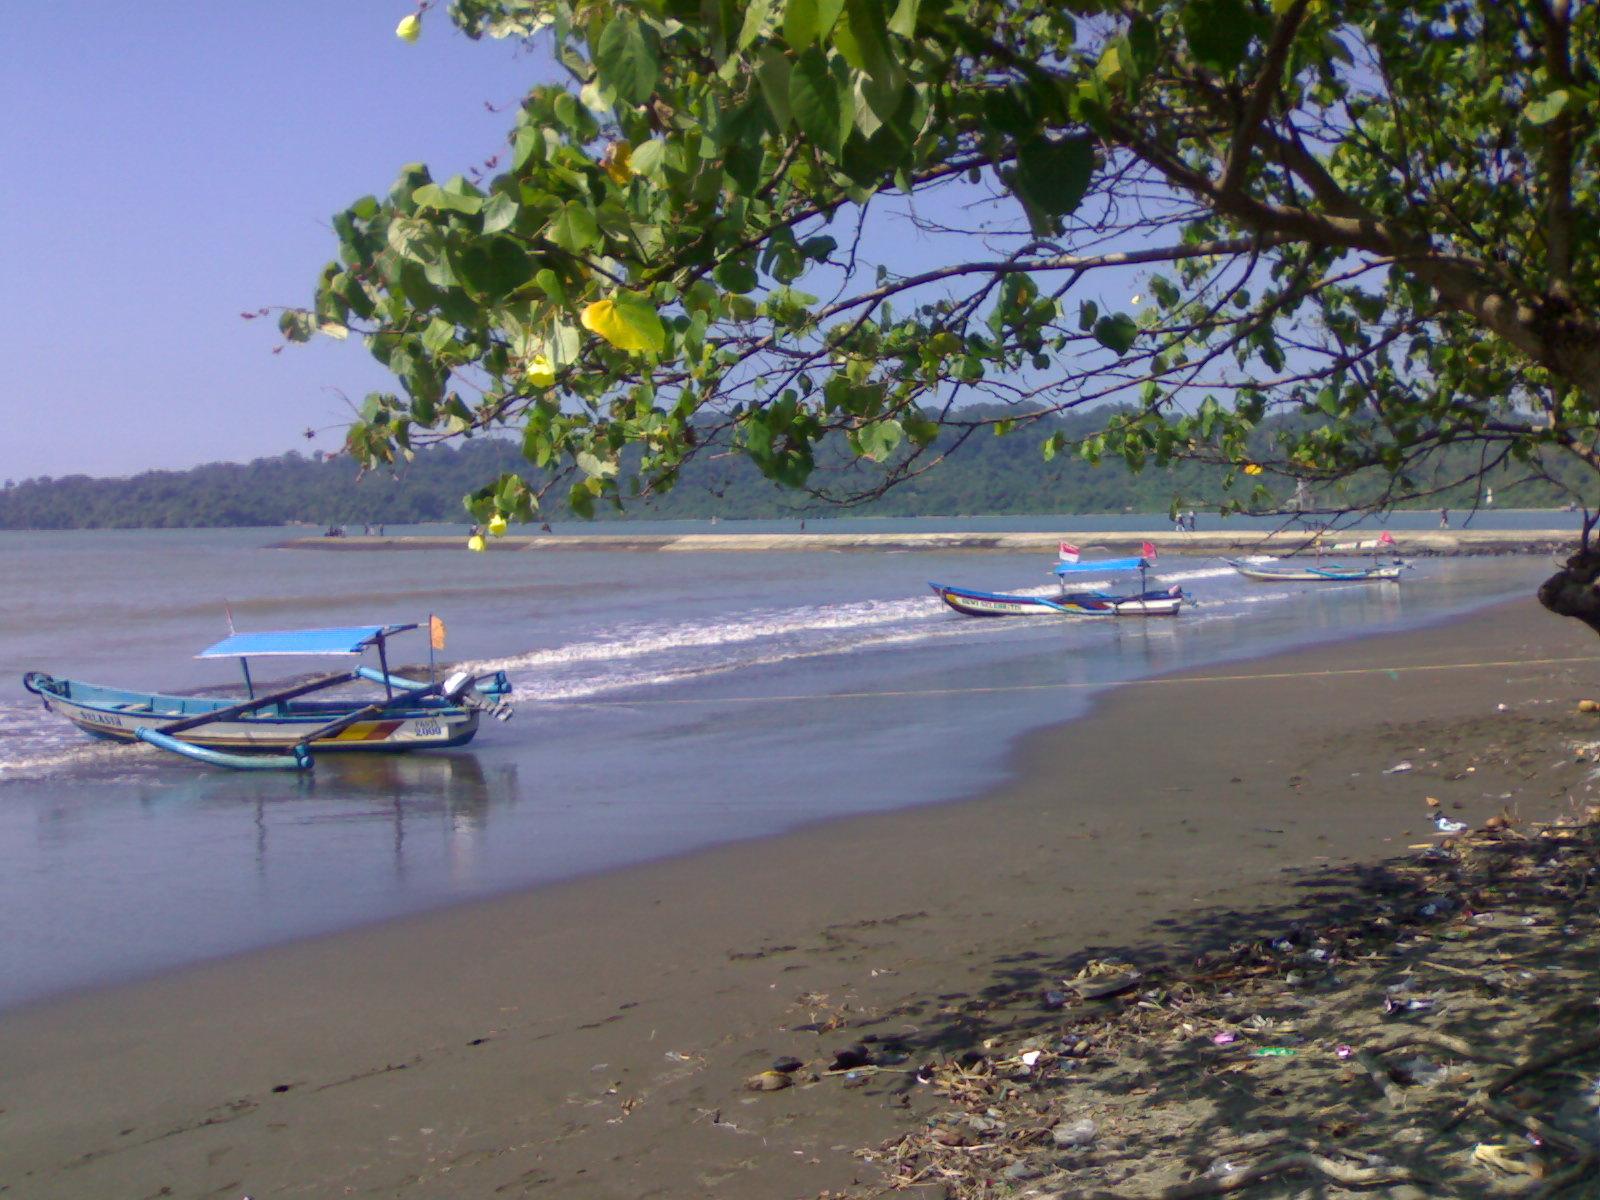 Pesona Indonesia Pesona Keindahan Pantai Teluk Penyu Cilacap